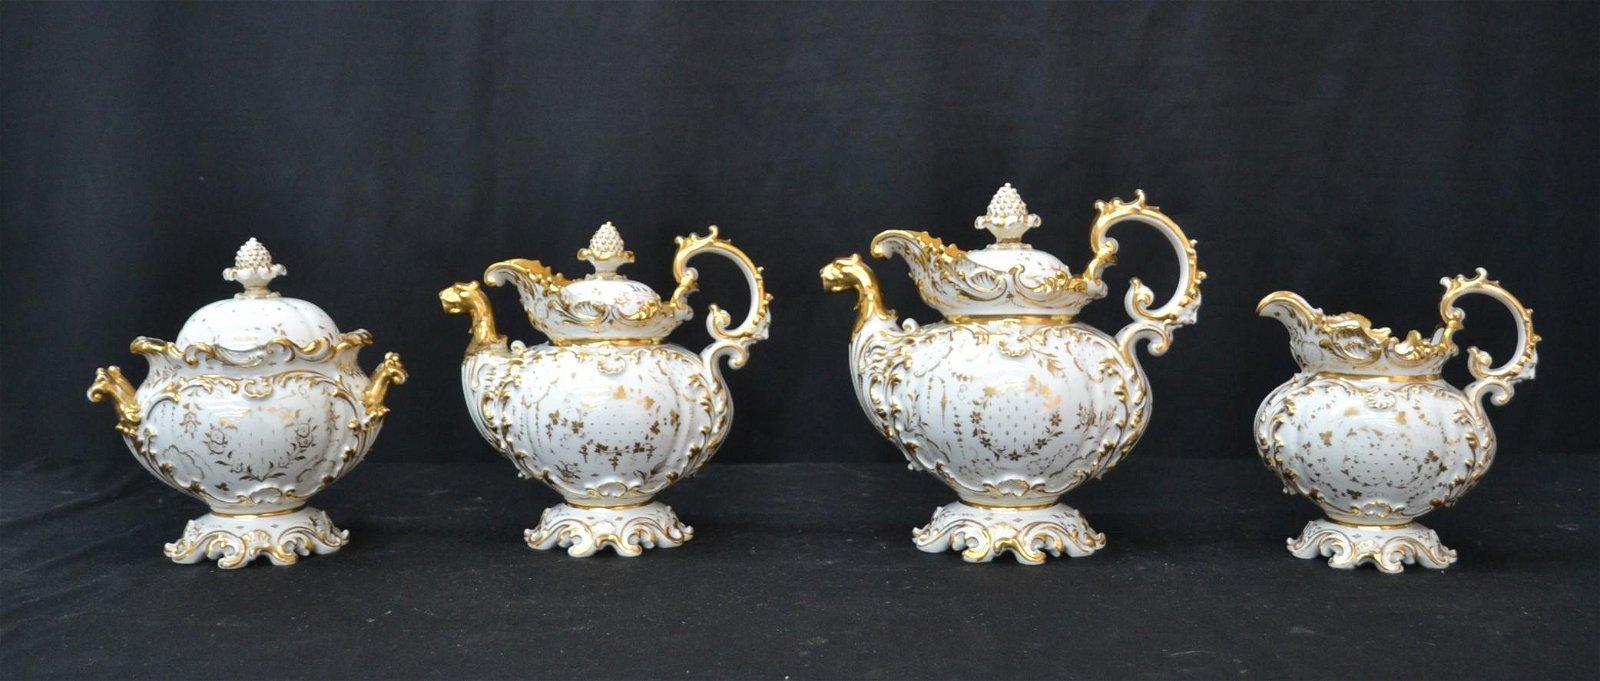 (4) OLD PARIS PORCELAIN TEA SET CONSISTING